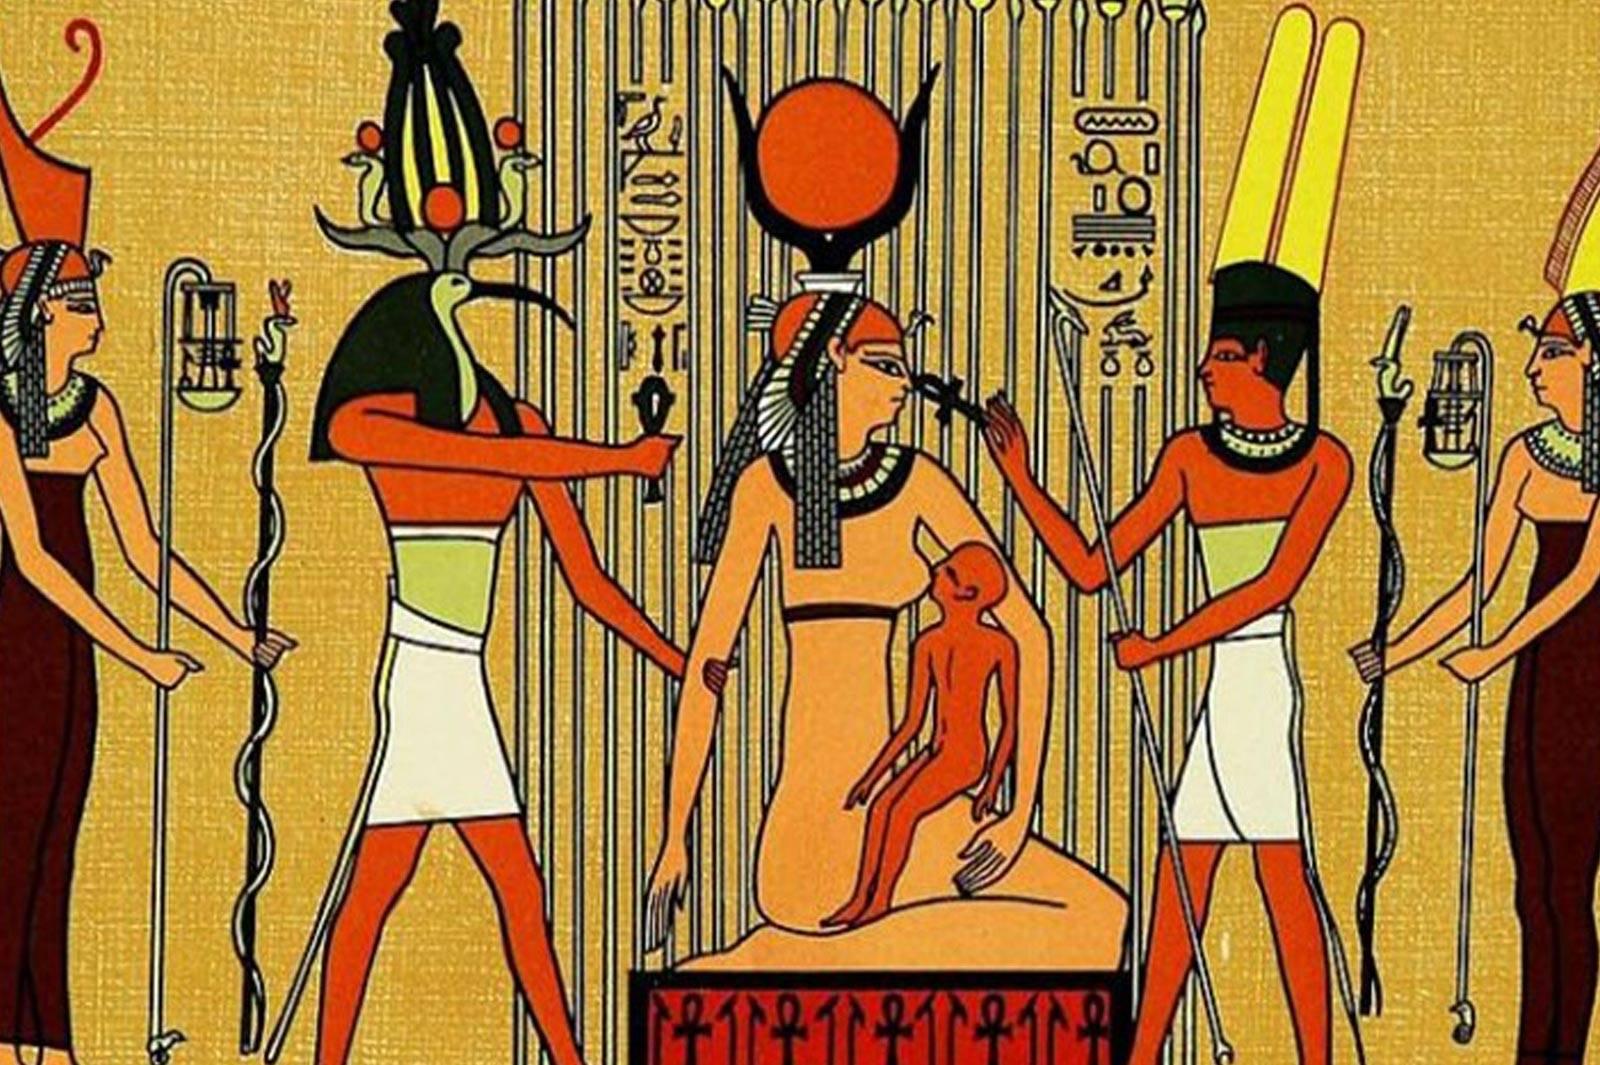 Antik Mısır'da uygulanan şaşırtıcı gebelik, cinsiyet ve doğum kontrolü yöntemleri!